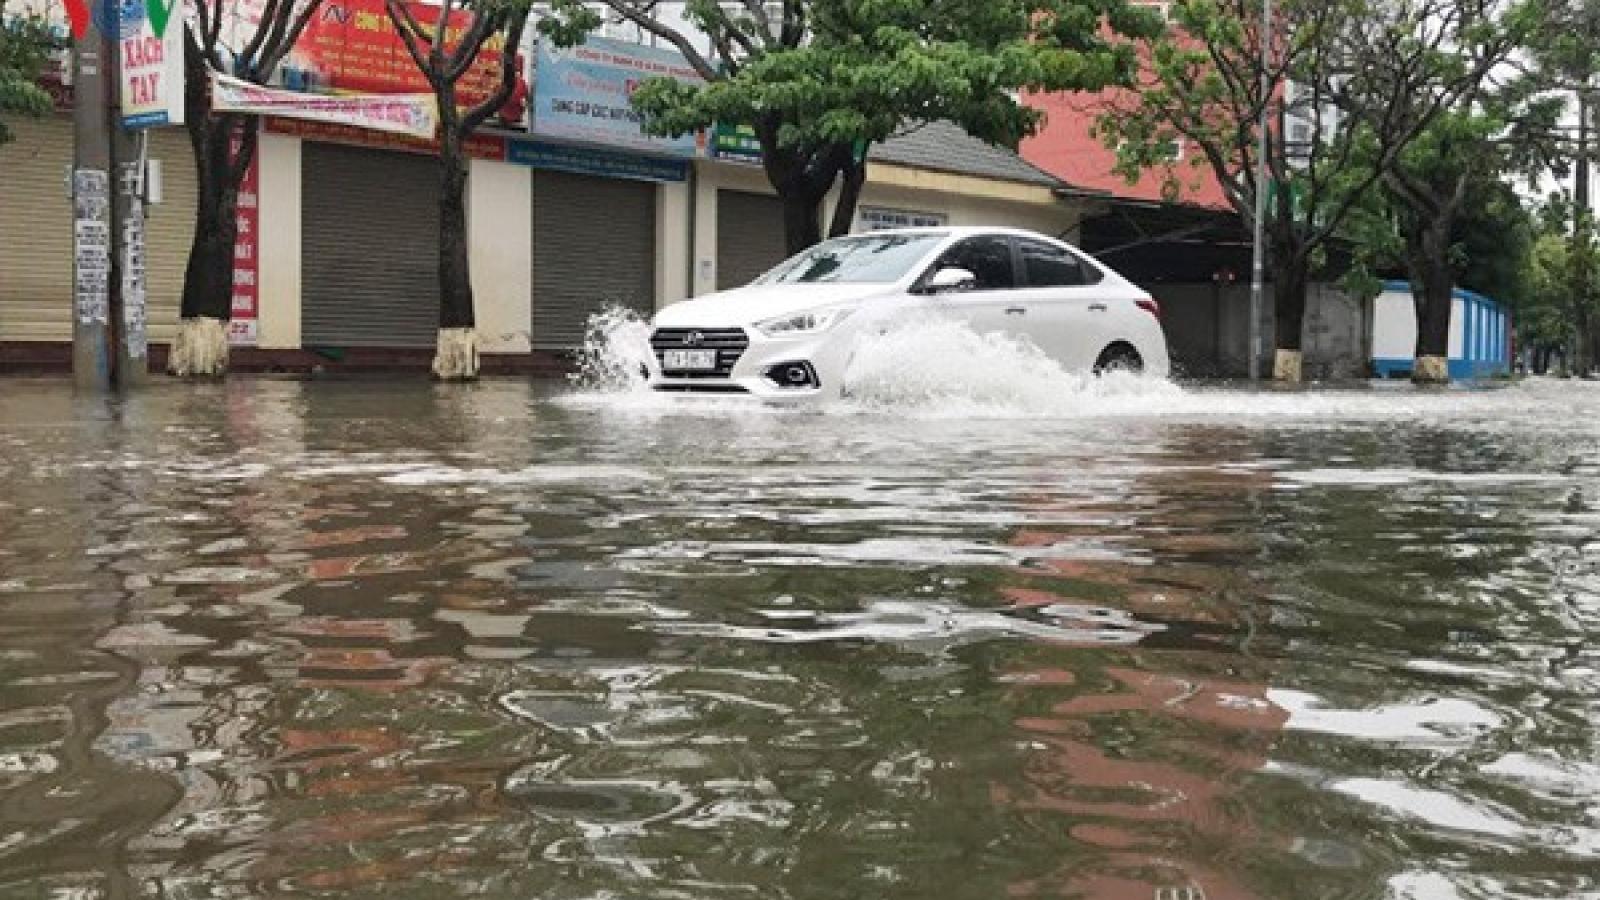 Áp thấp nhiệt đới đi vào đất liền Hà Tĩnh - Quảng Trị gây mưa vừa